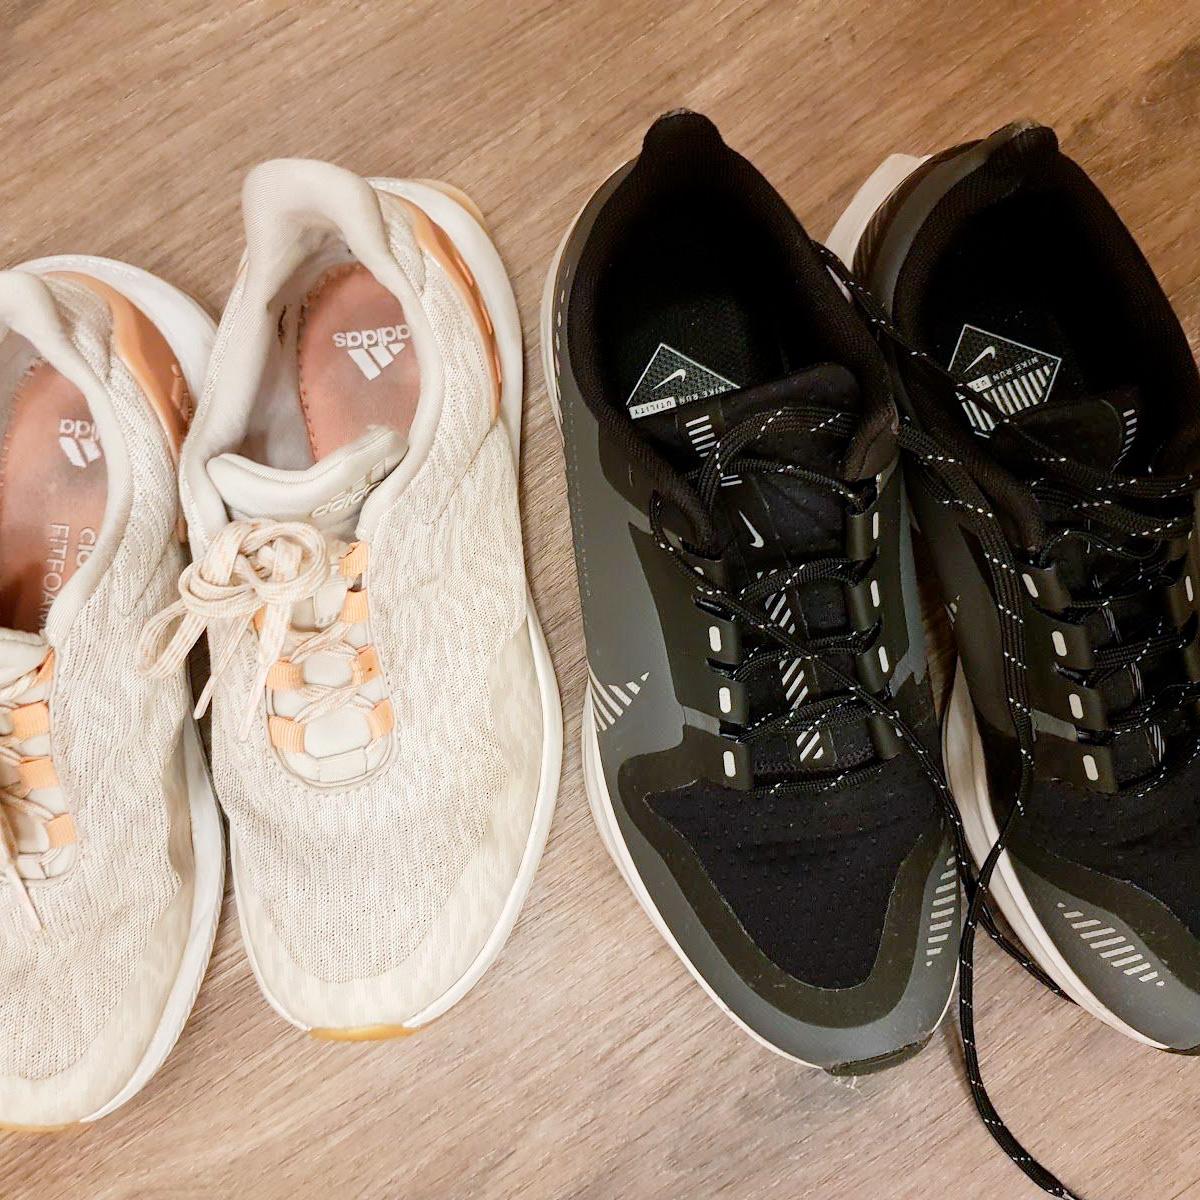 Слева кроссовки длясиловых тренировок, справа — длябега